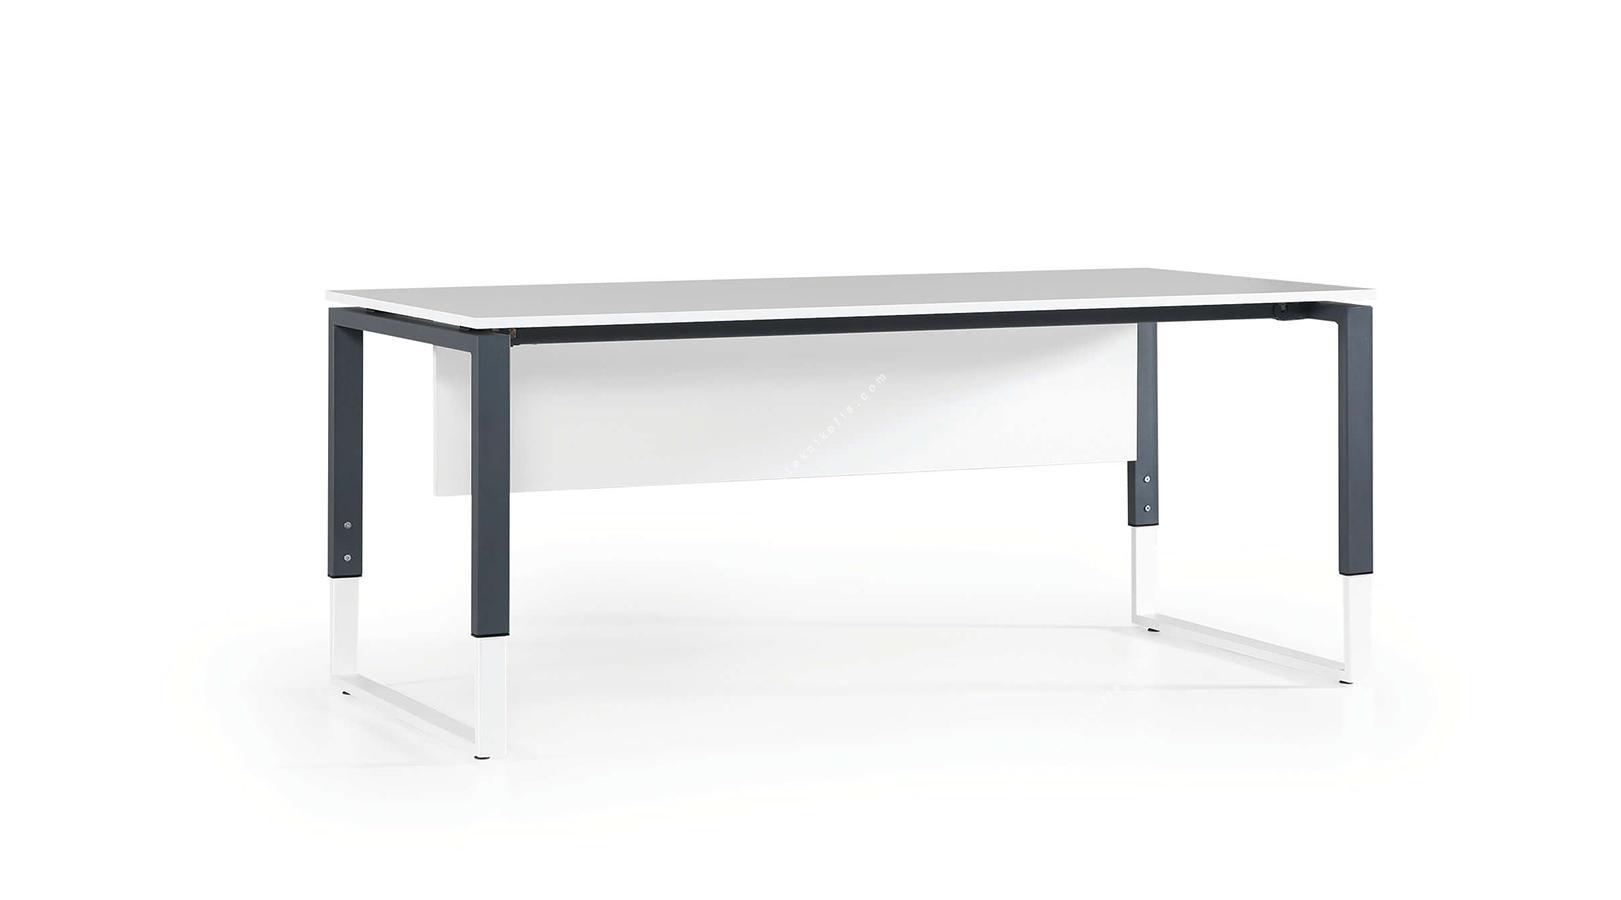 klent makam masası 160cm